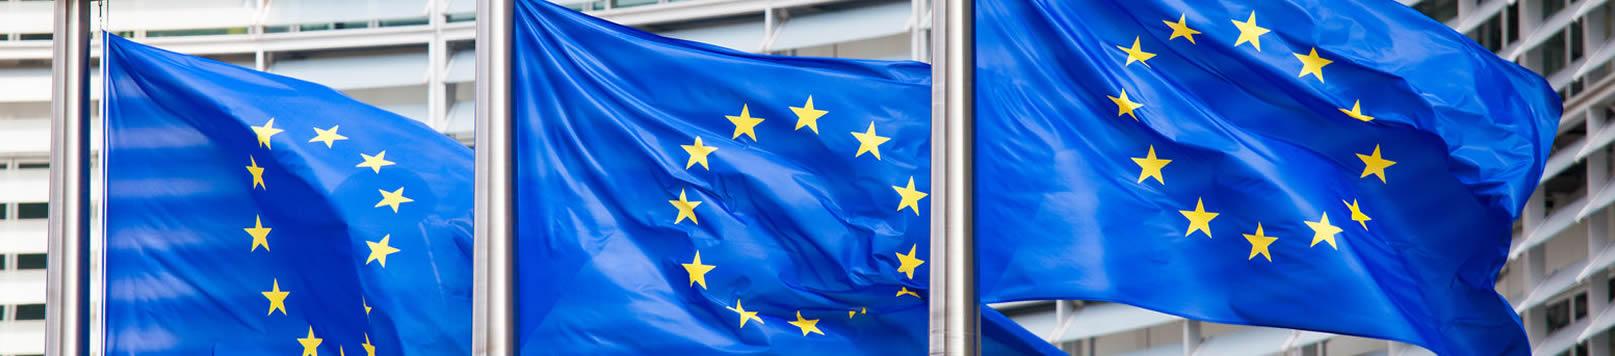 Ricerche nella Comunità Europeaa per Brevetti Modelli e Marchi Mariano Comense